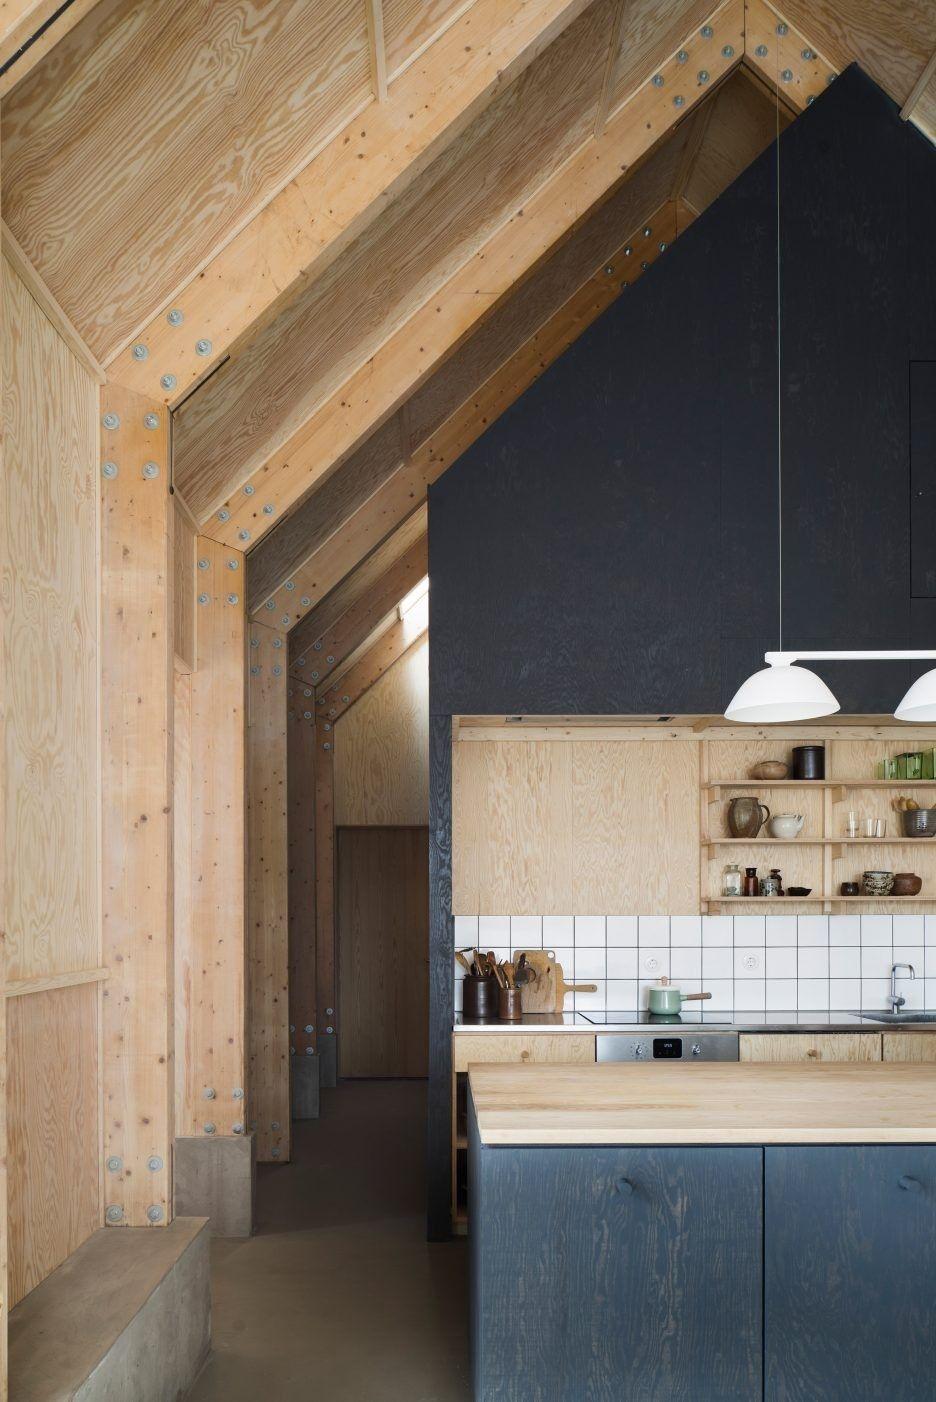 Pin von liam levesque auf EVERYTHING | Pinterest | Küche, Dachausbau ...